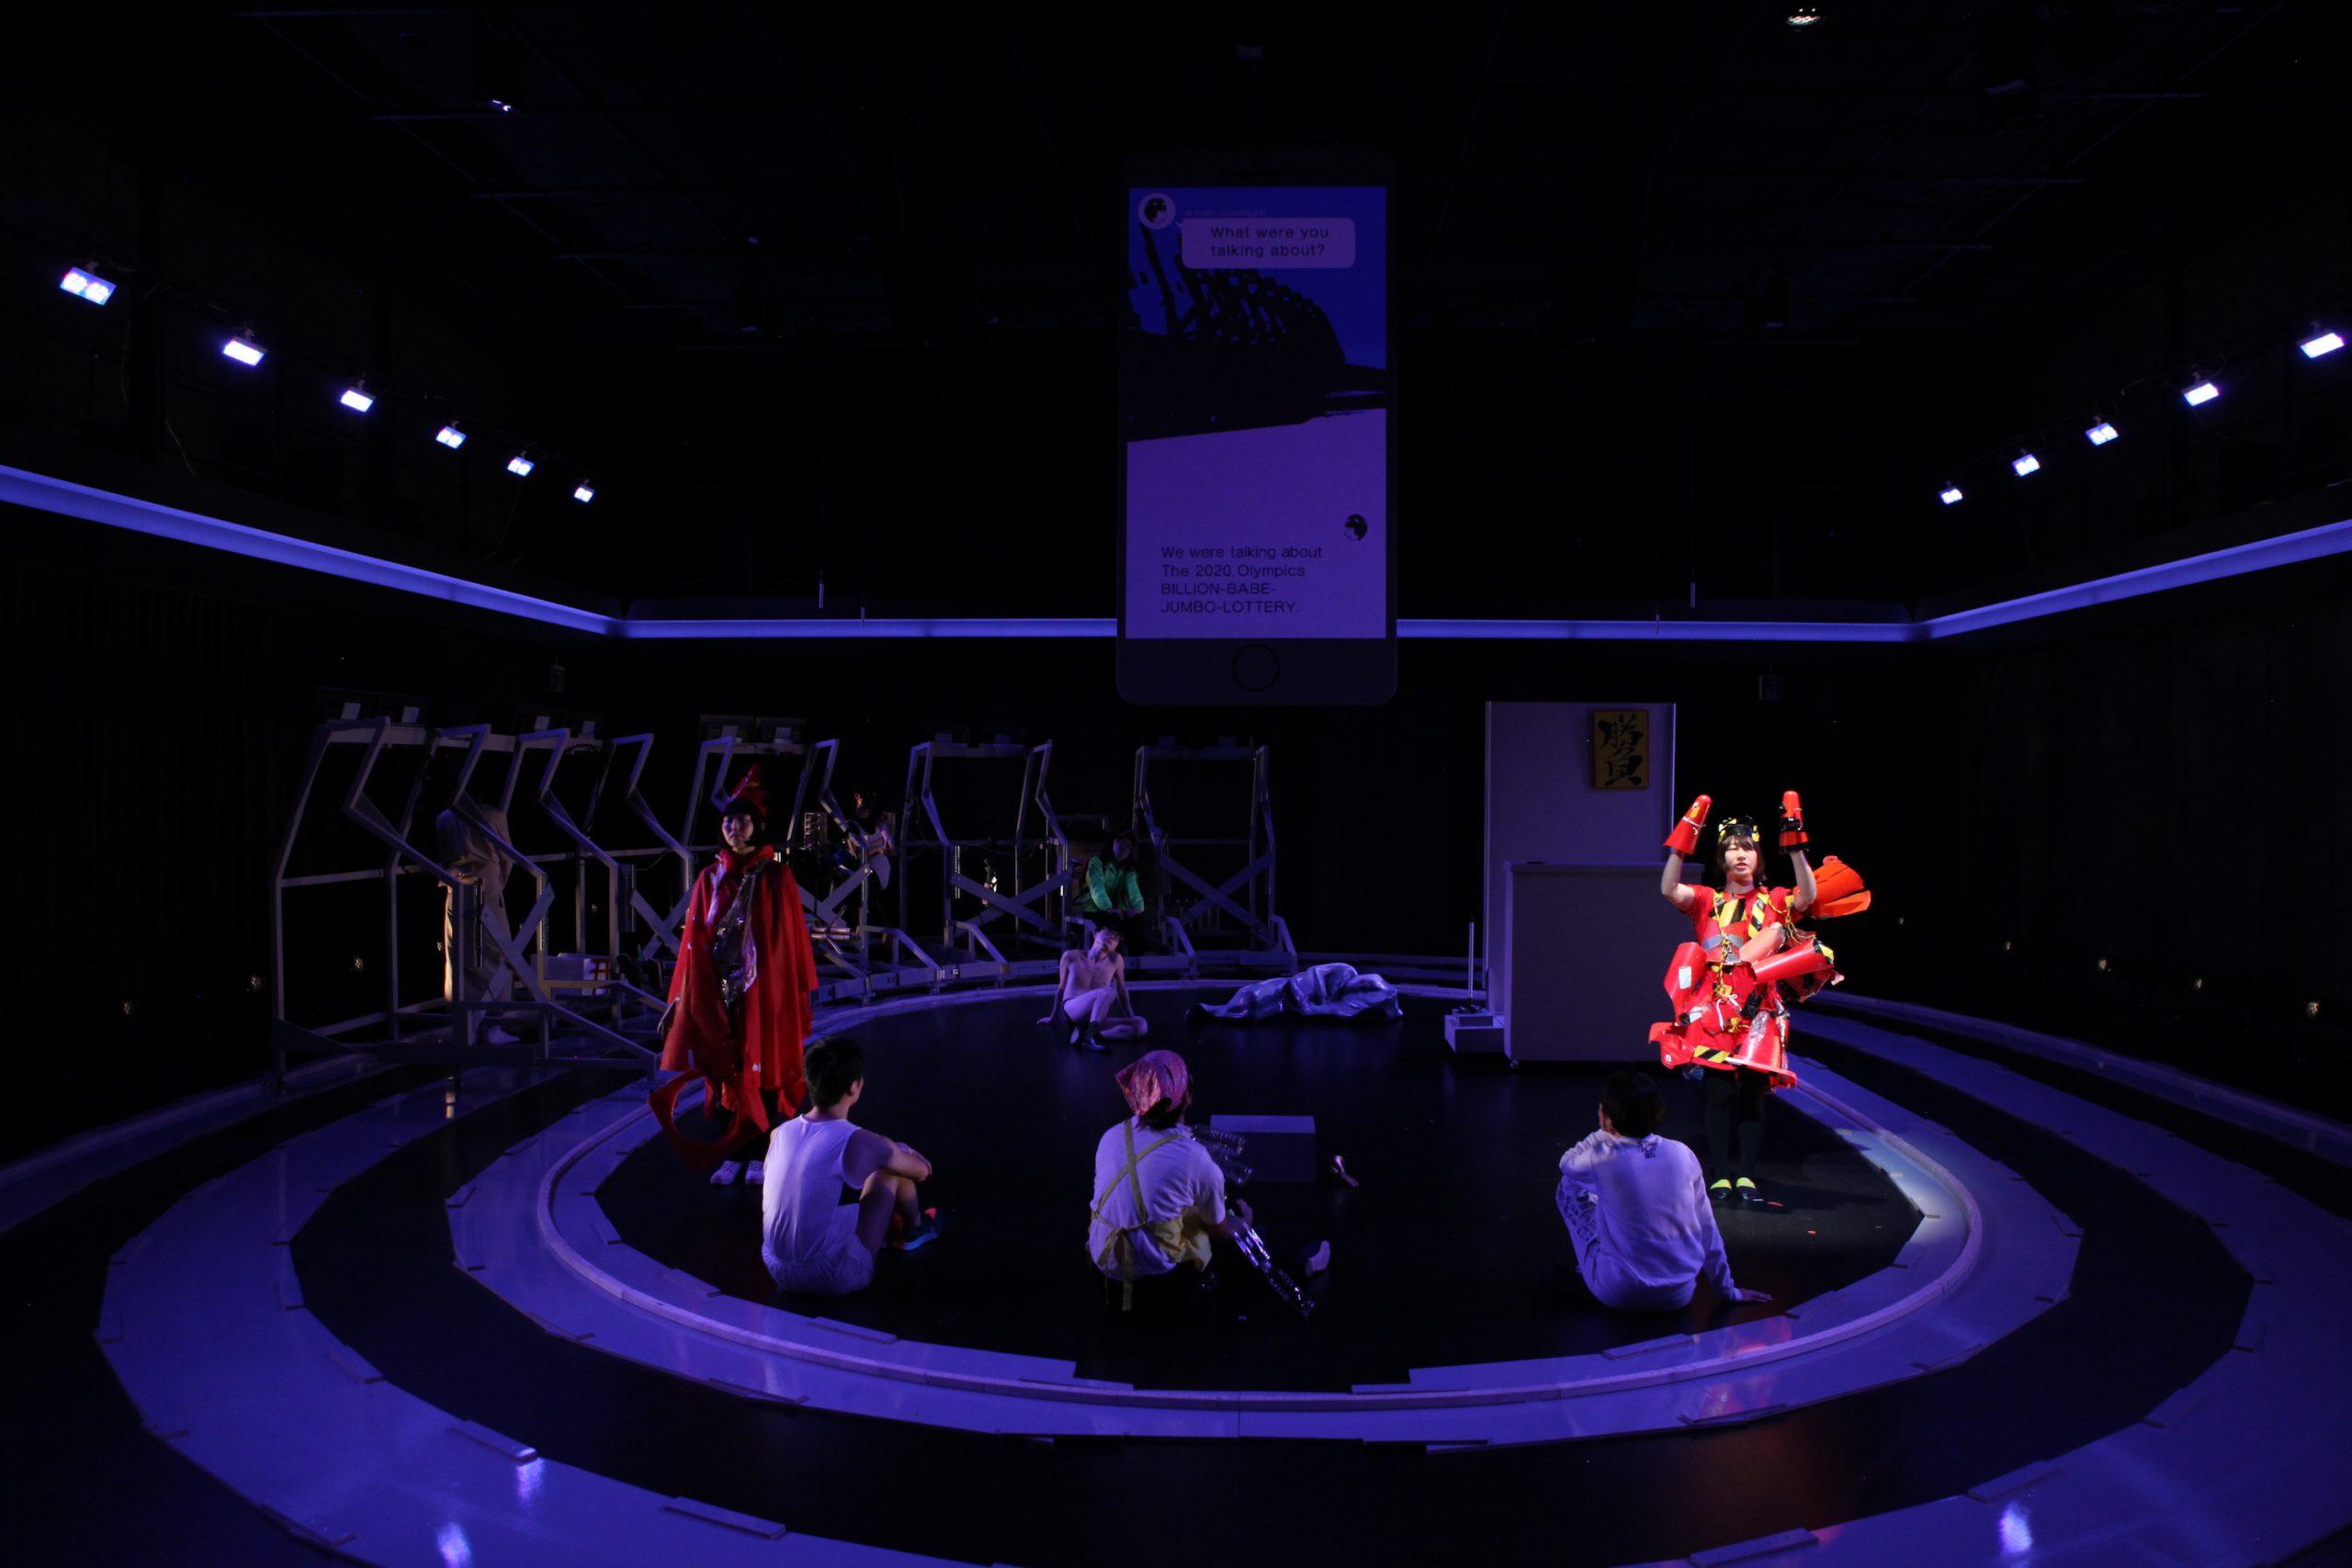 「円環・回転・ループ」が支配する醒めた熱狂空間で、「スペクタクルに耐ええない身体」を提示する